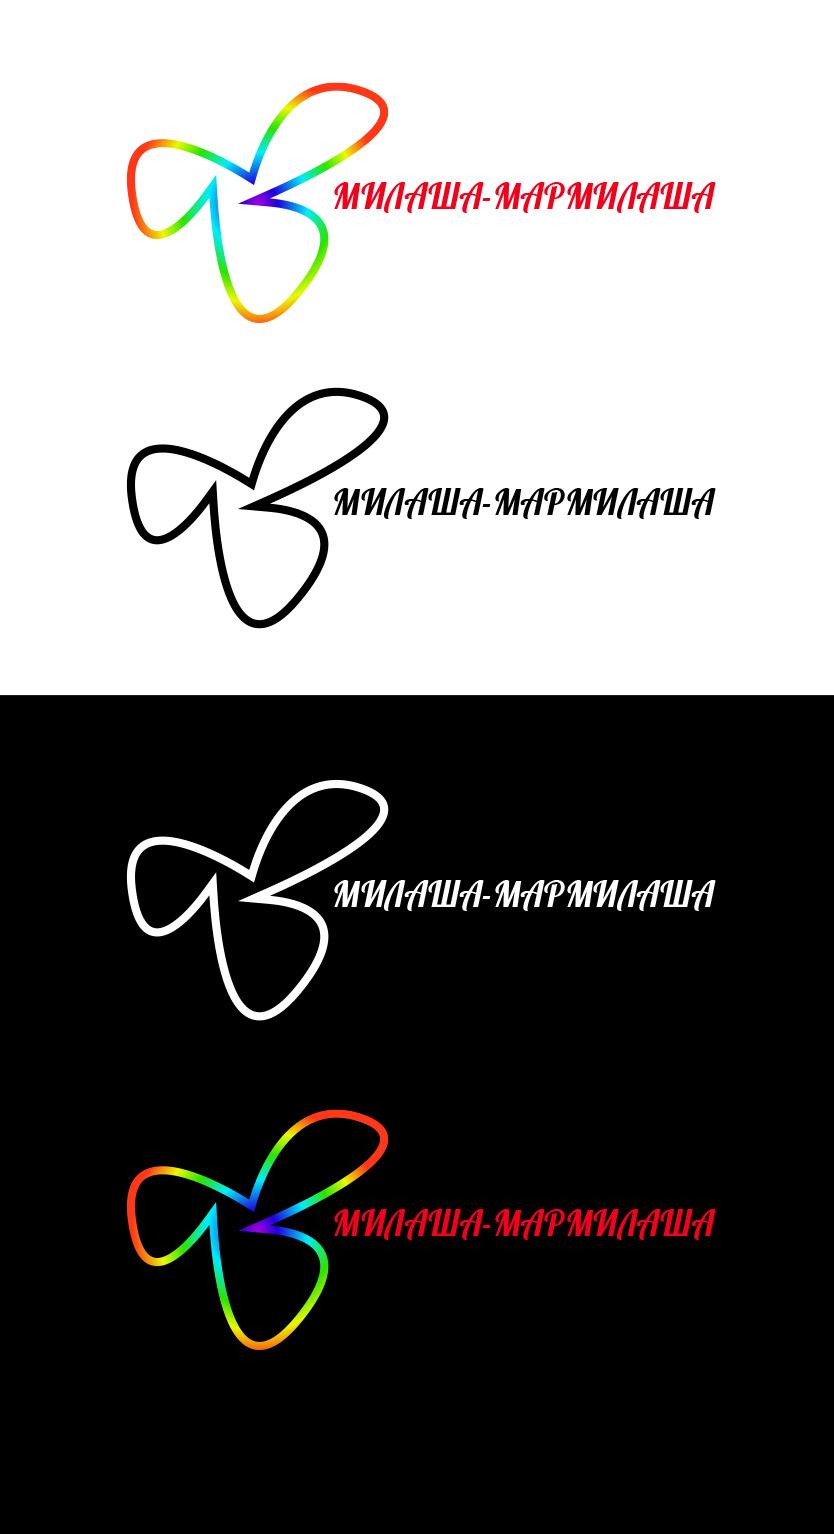 """Логотип для товарного знака """"Милаша-Мармилаша"""" фото f_1445875302acbdea.jpg"""